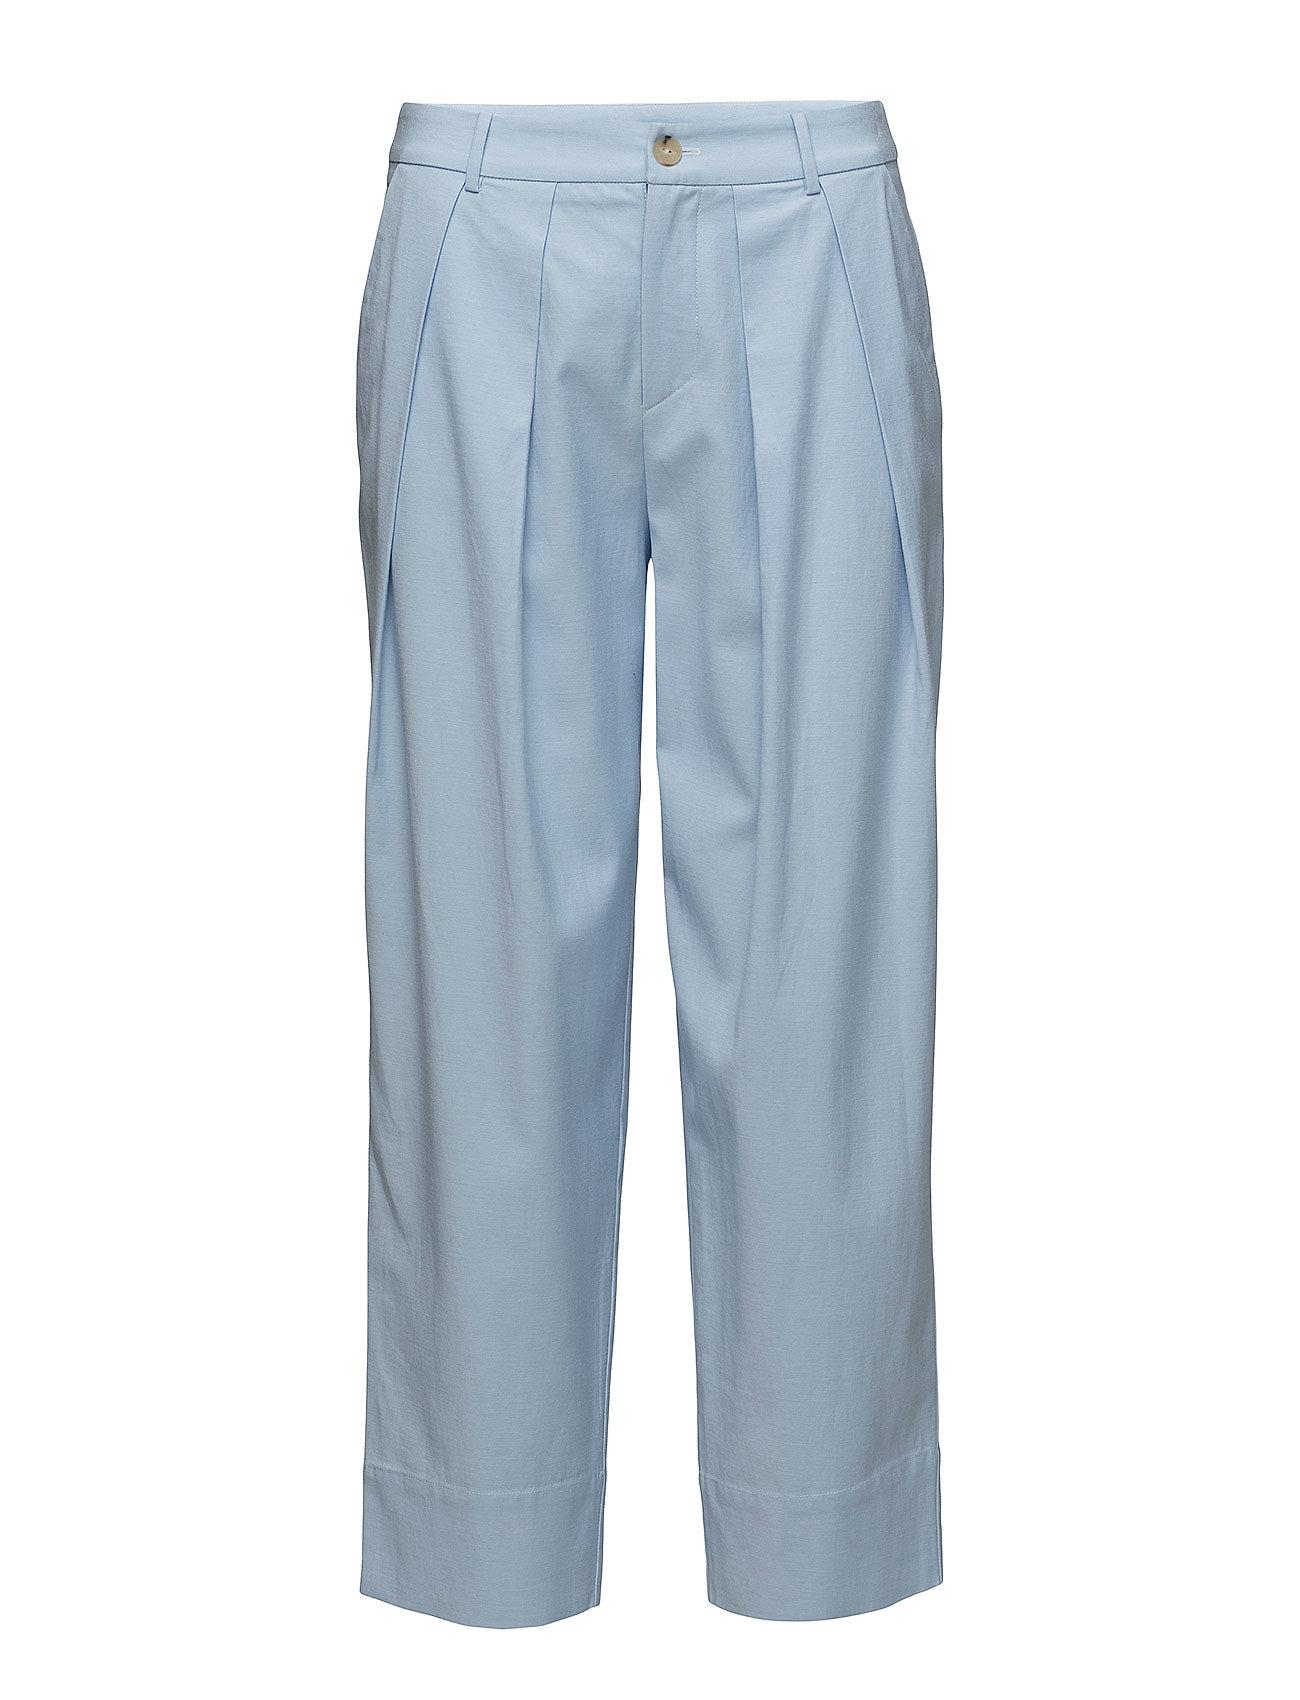 Billede af High Waist Pleated Pants